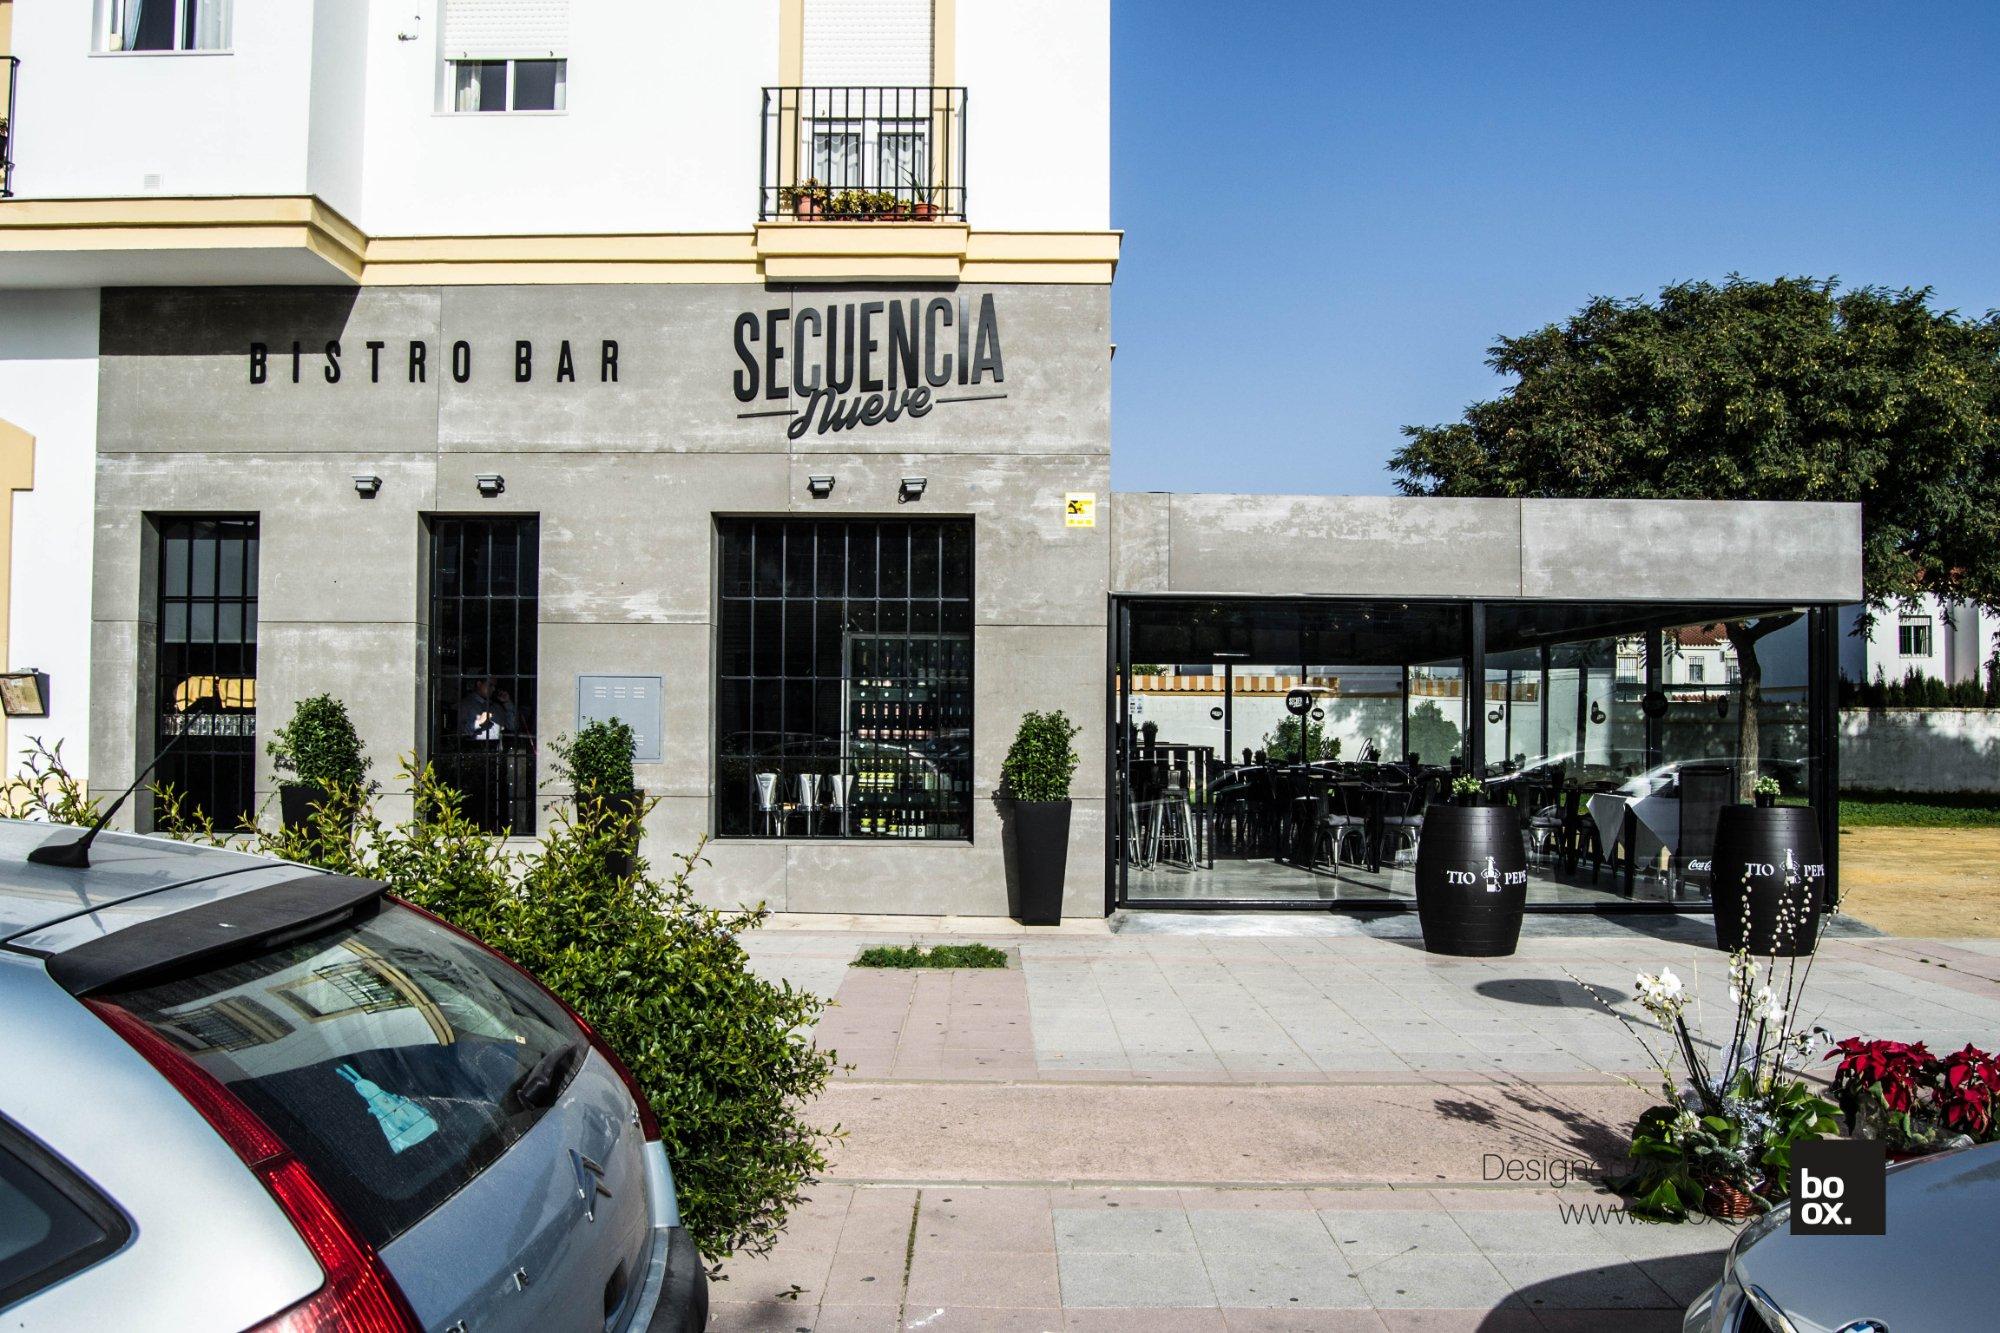 Instalación Software Hostelería en Restaurante Secuencia 9